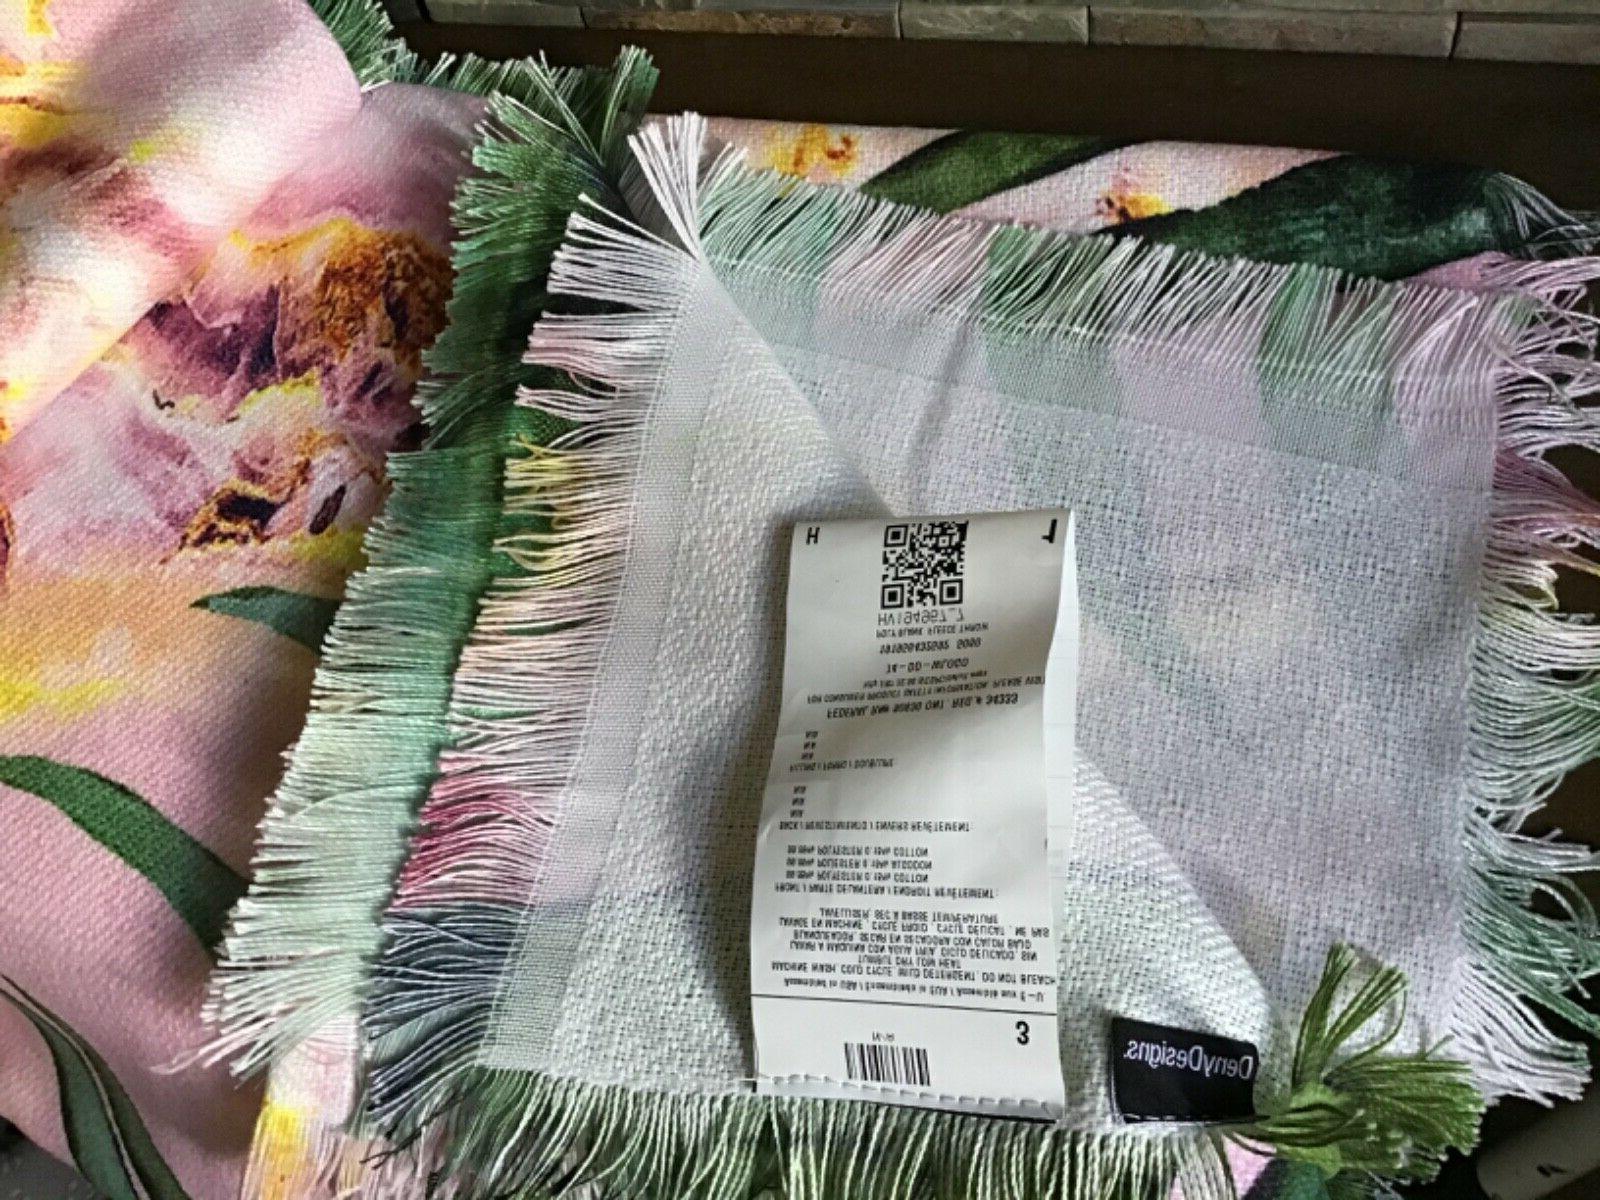 Marta Camarasa Palm Leaf Throw Blanket Pink - Deny